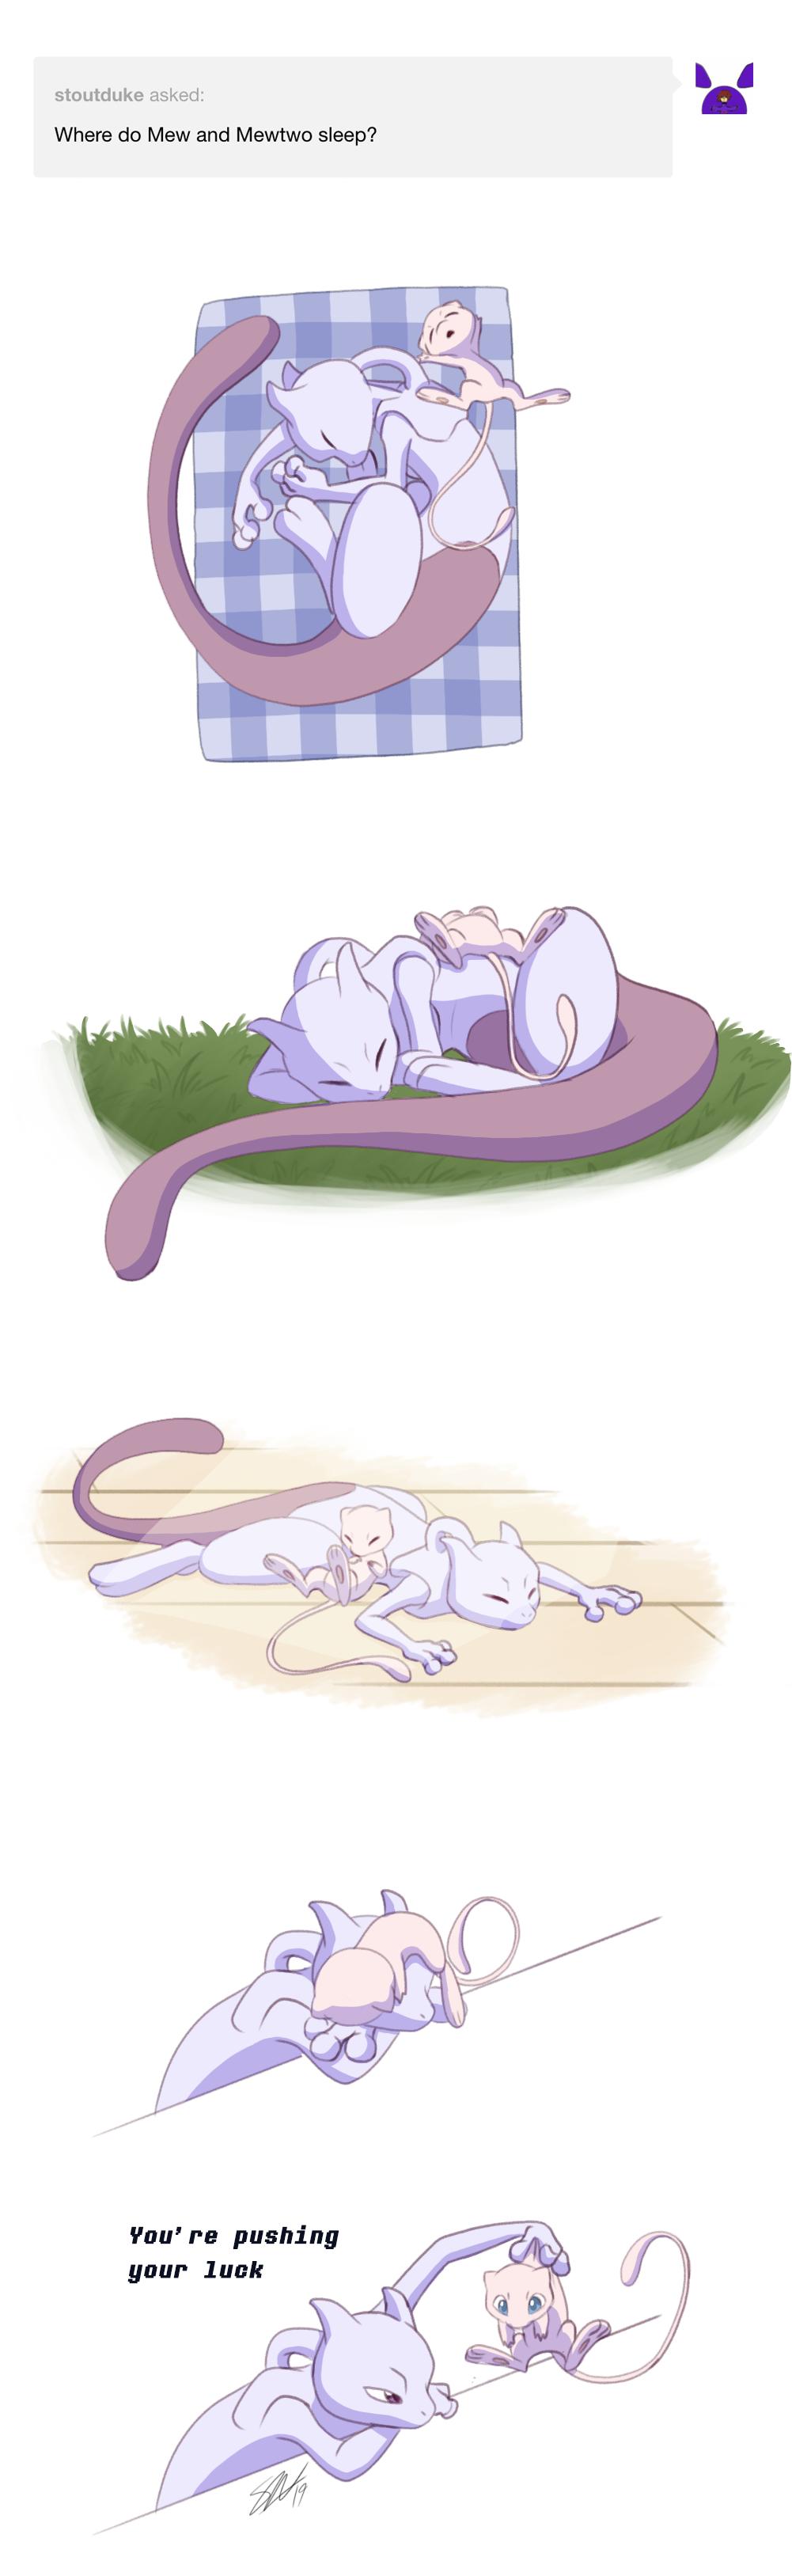 Sleepy-time